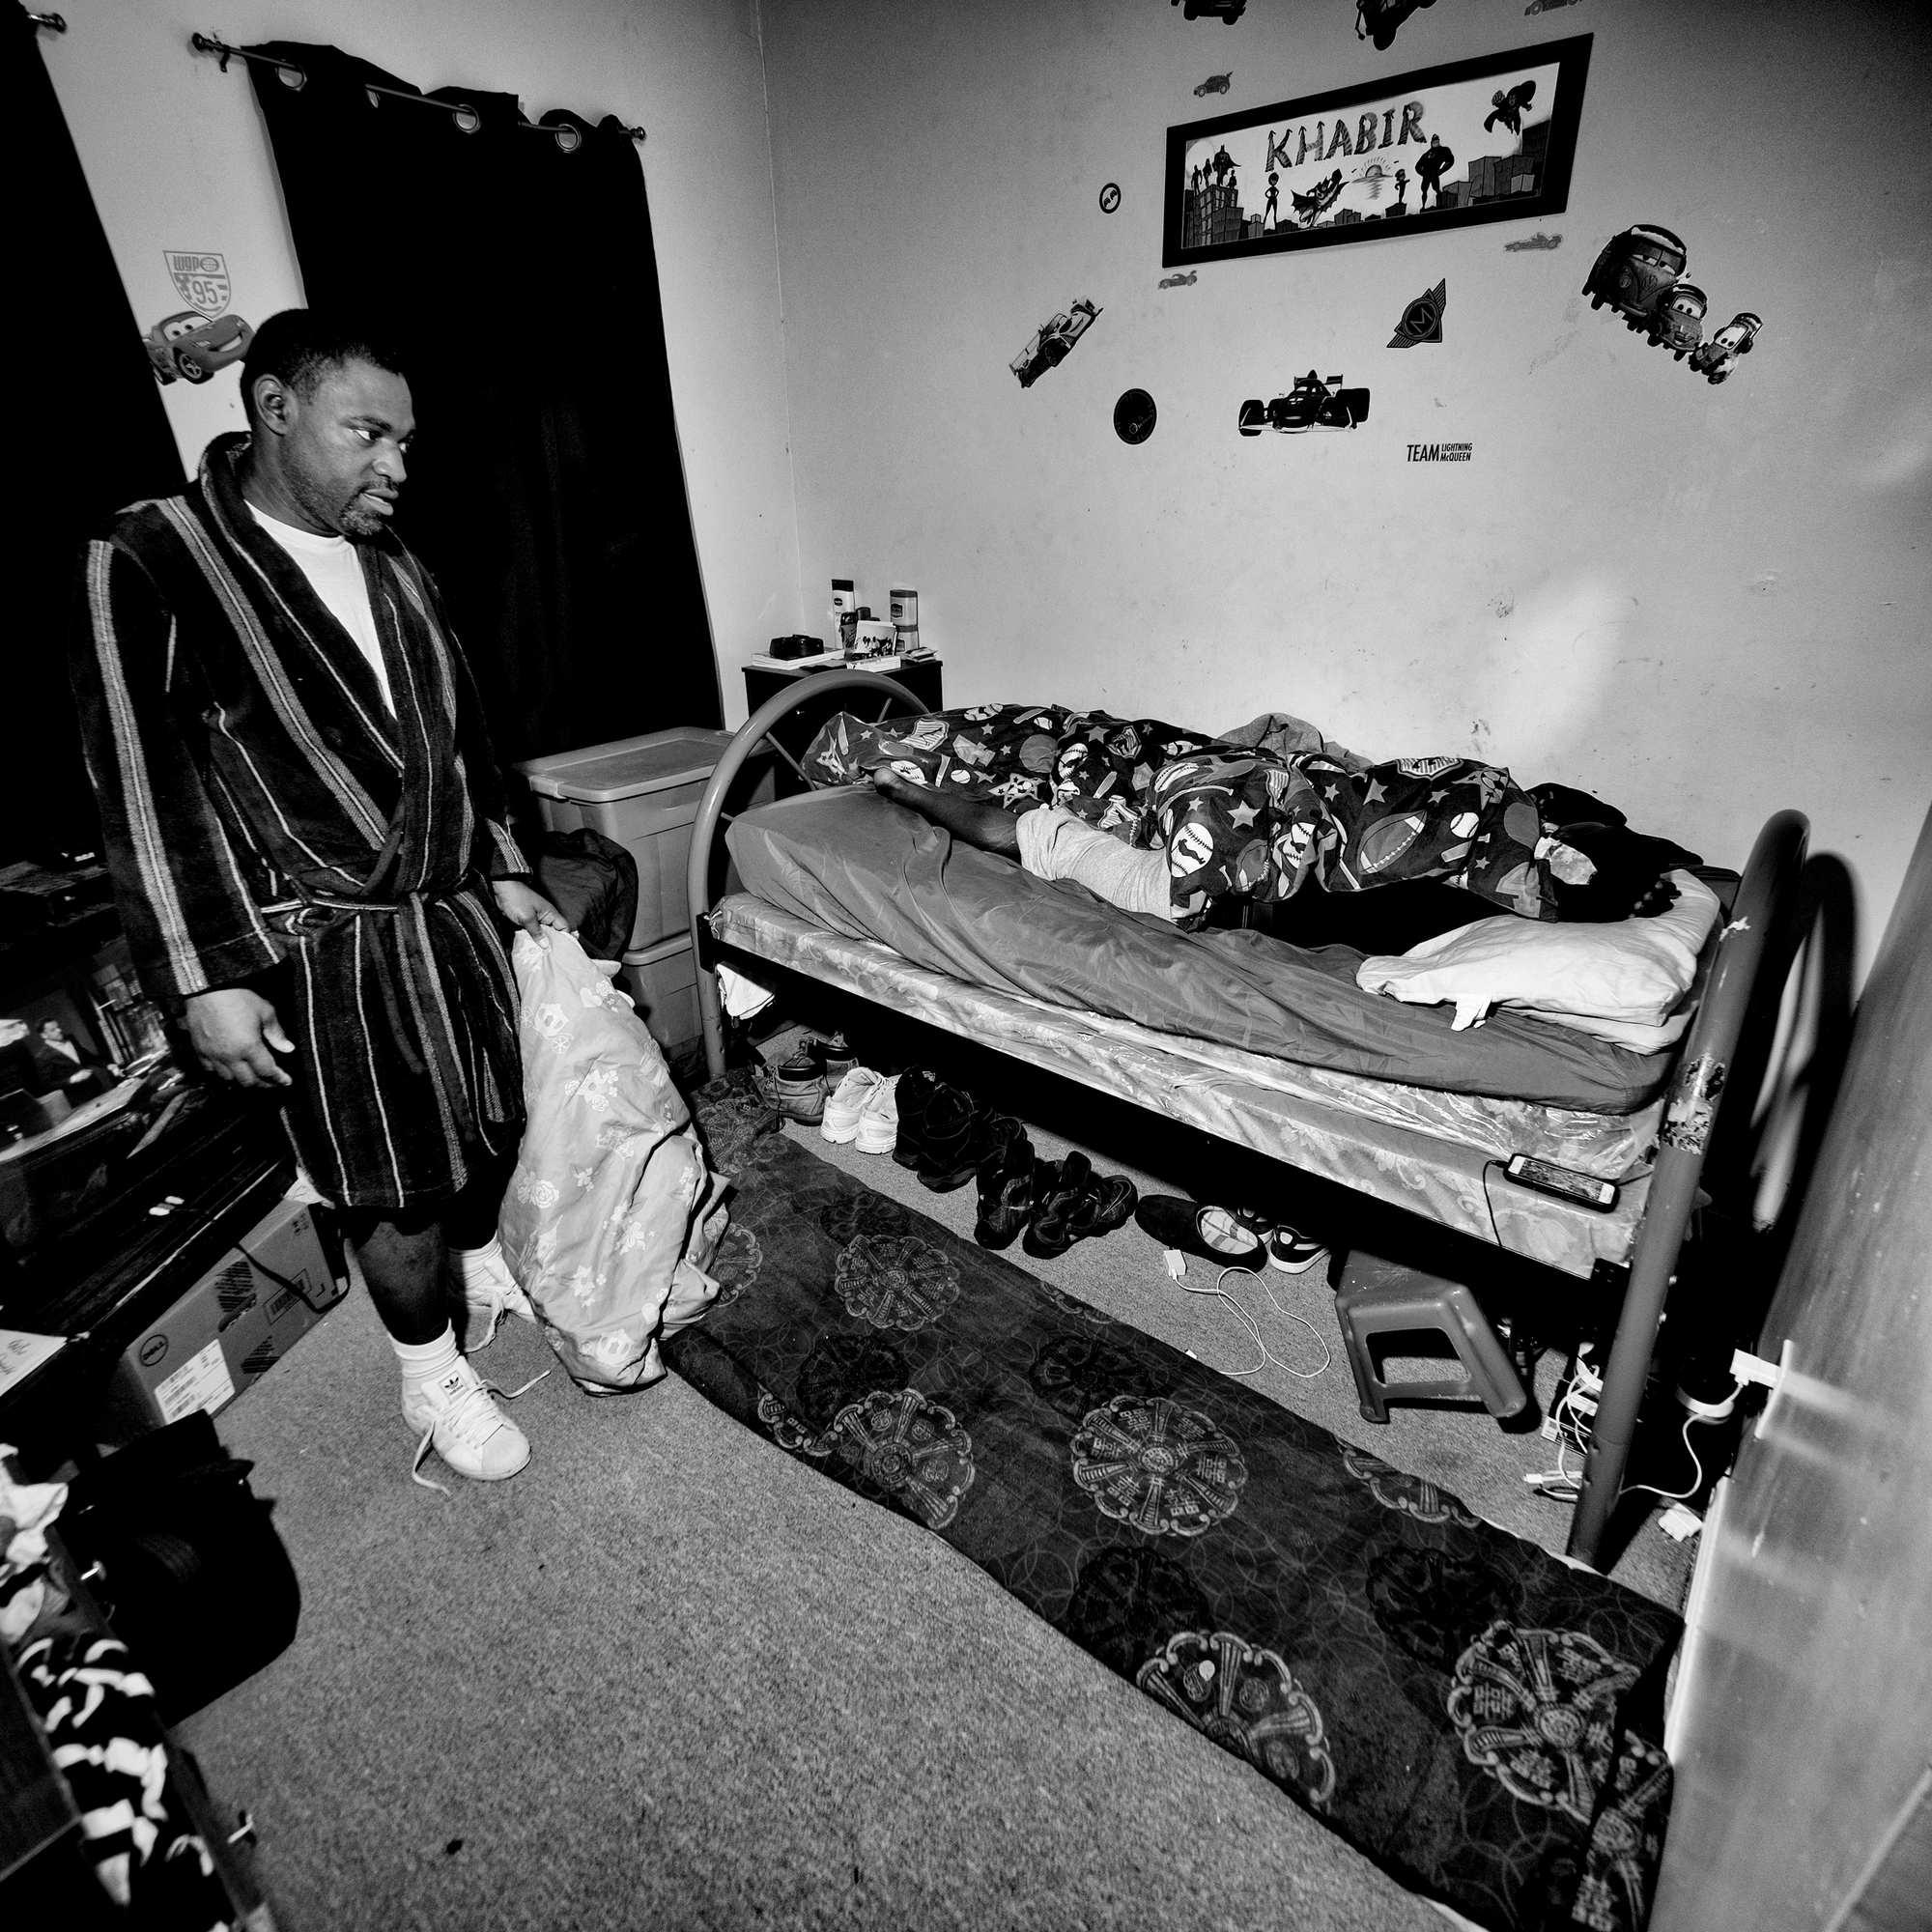 Ken Murray in his grandson's bedroom.